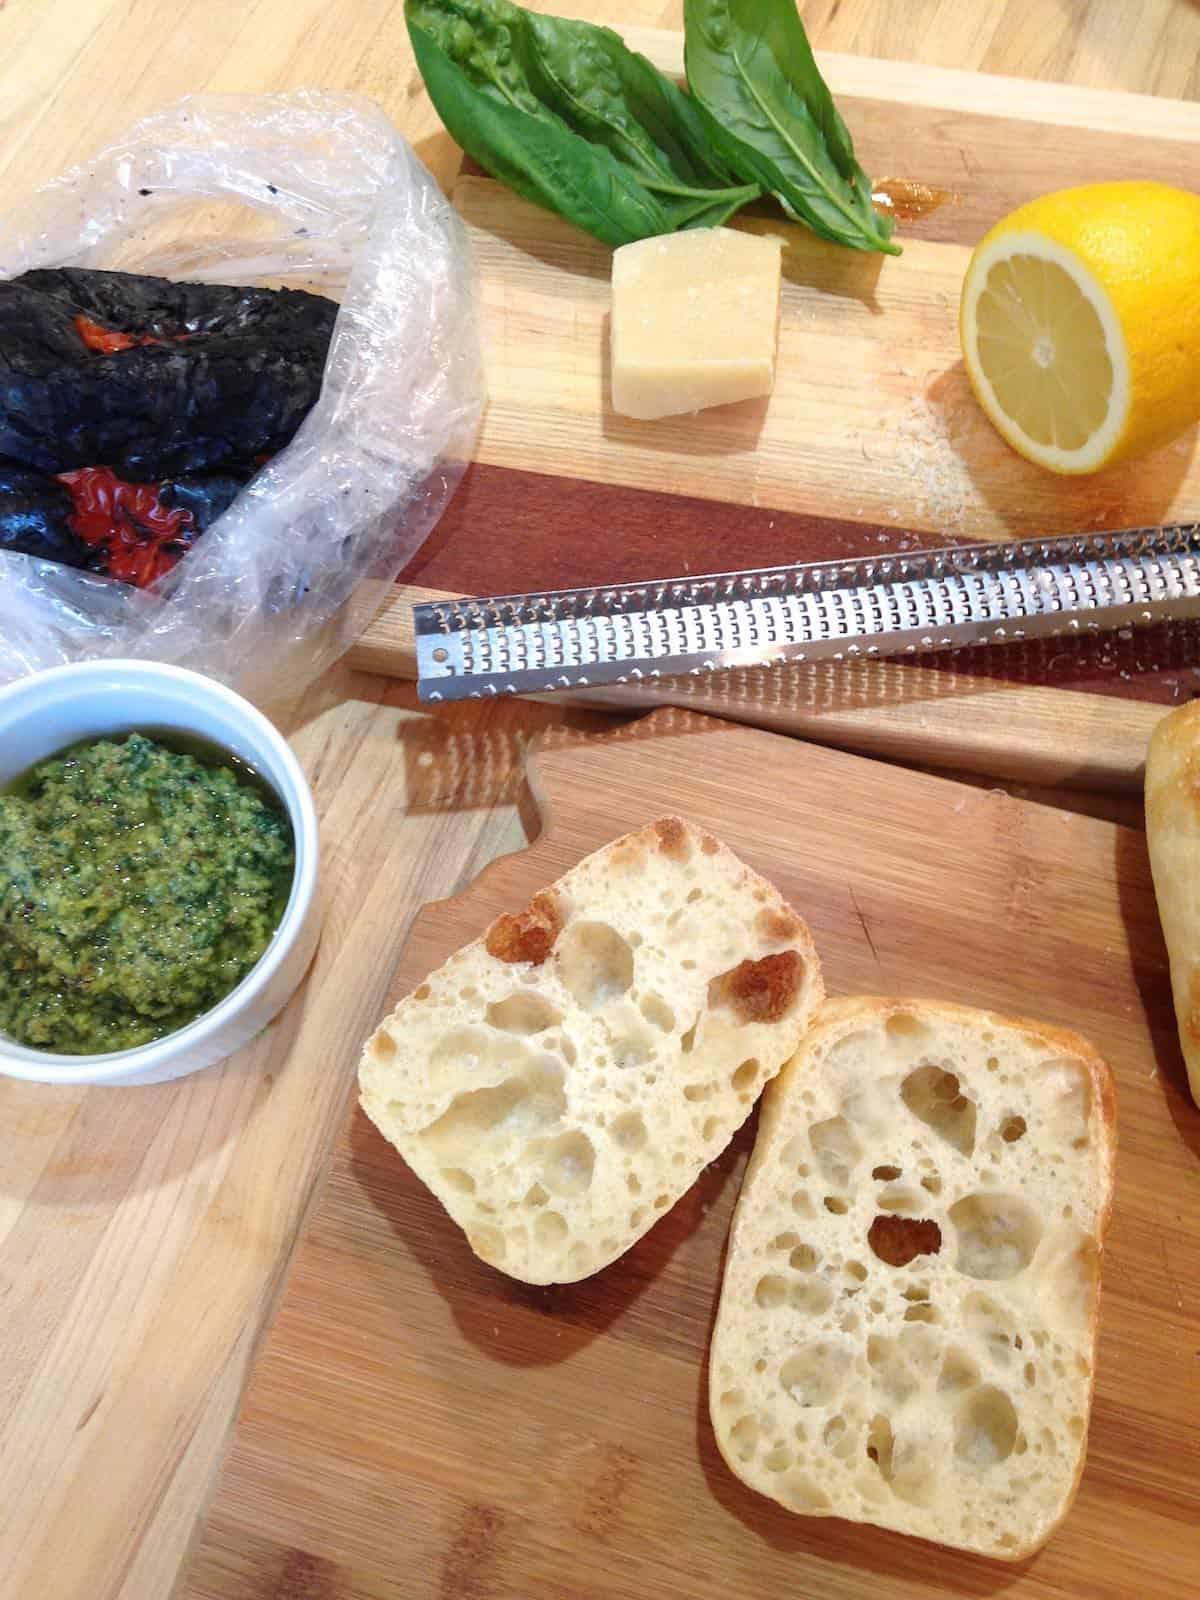 Italian sandwich ingredients